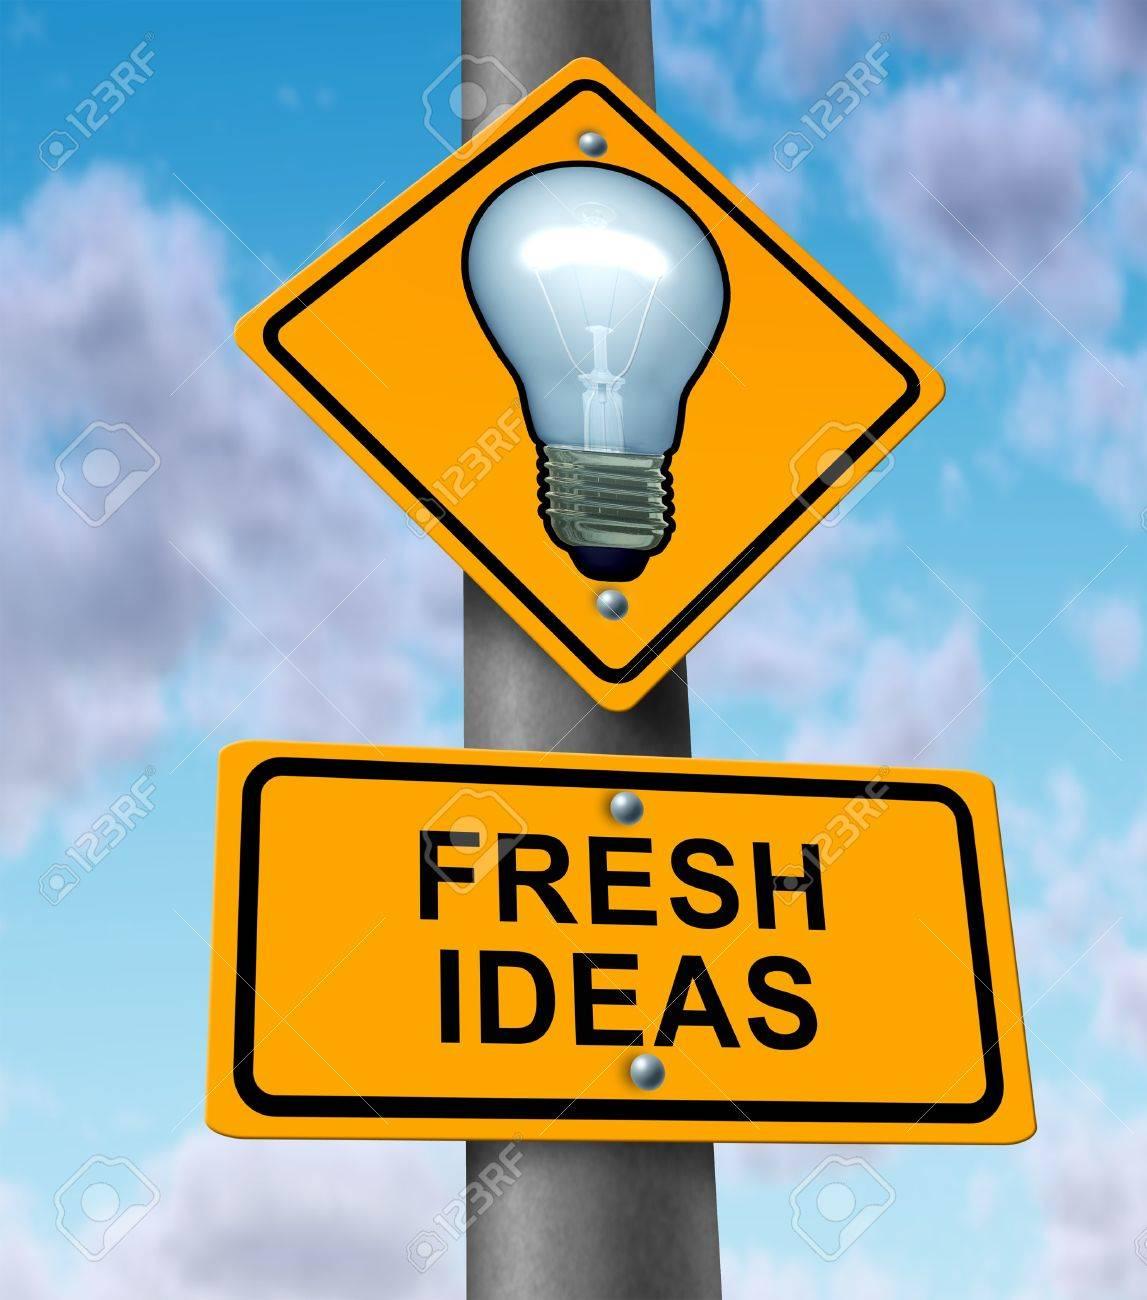 Frische Ideen Und Neue Innovative Lösungen Symbol Mit Einem Straßen